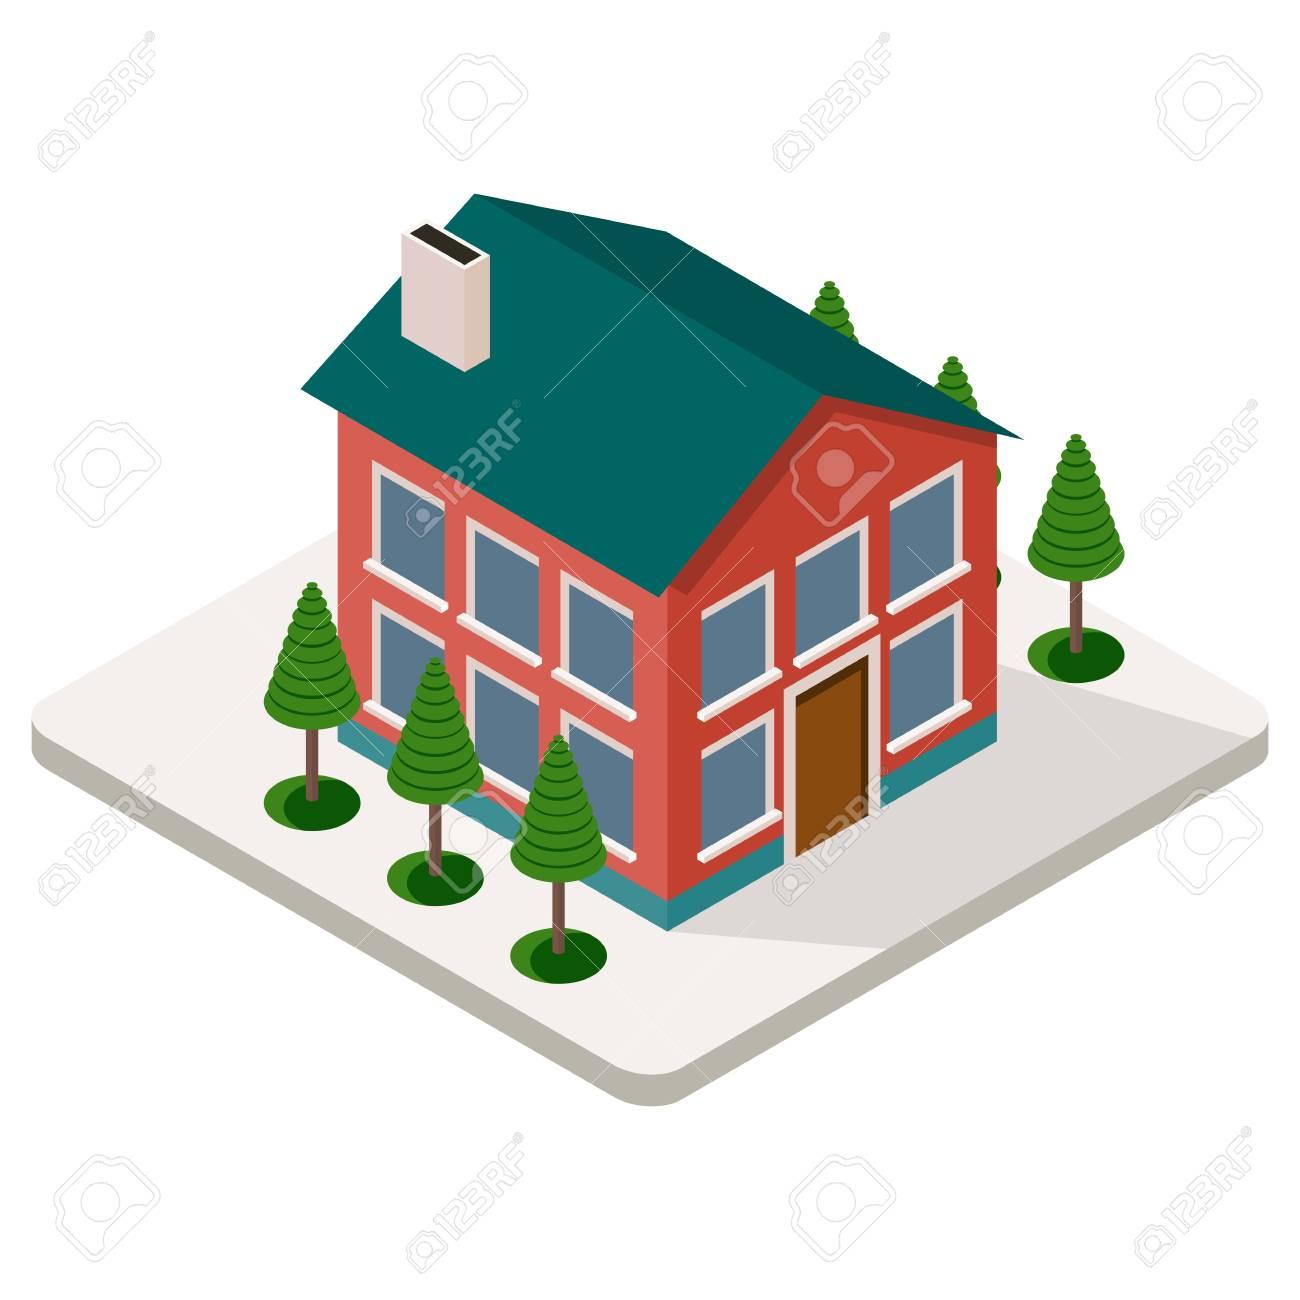 Banque dimages garage sur larrière cour dune maison de campagne en vue isométrique illustration de dessin animé de plat vecteur